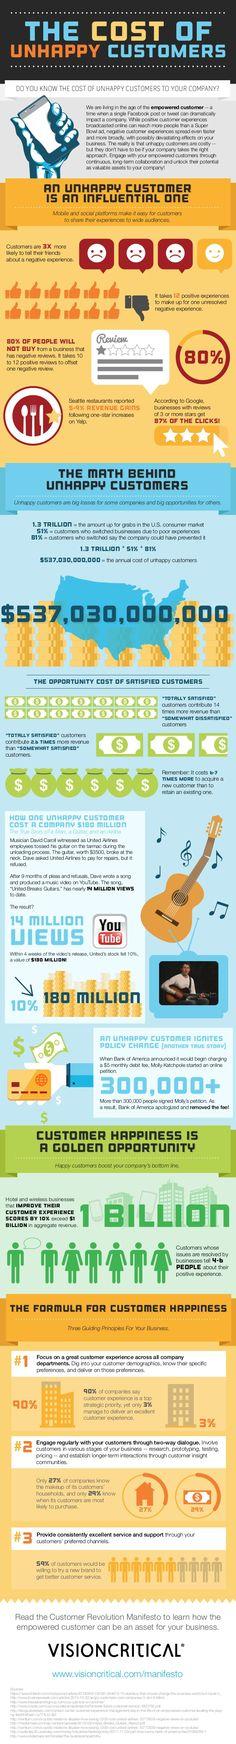 El coste de clientes descontentos #infografia #infographic #marketing